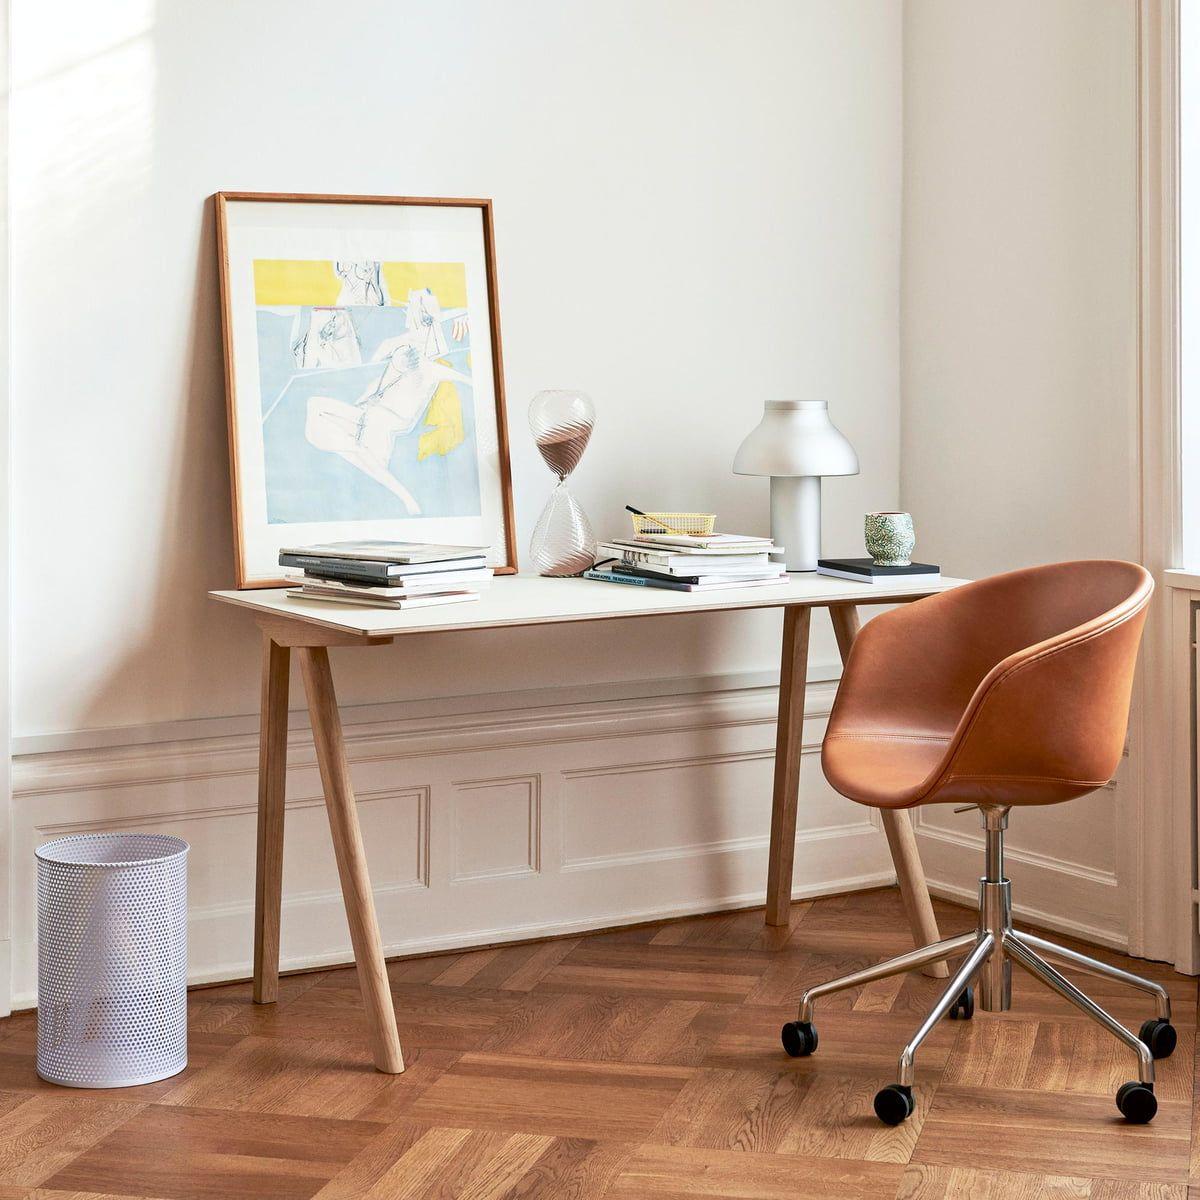 Arbeitsecke Einrichten Connox Magazine In 2020 Polsterstuhl Platzsparender Tisch Schreibtisch Im Schlafzimmer